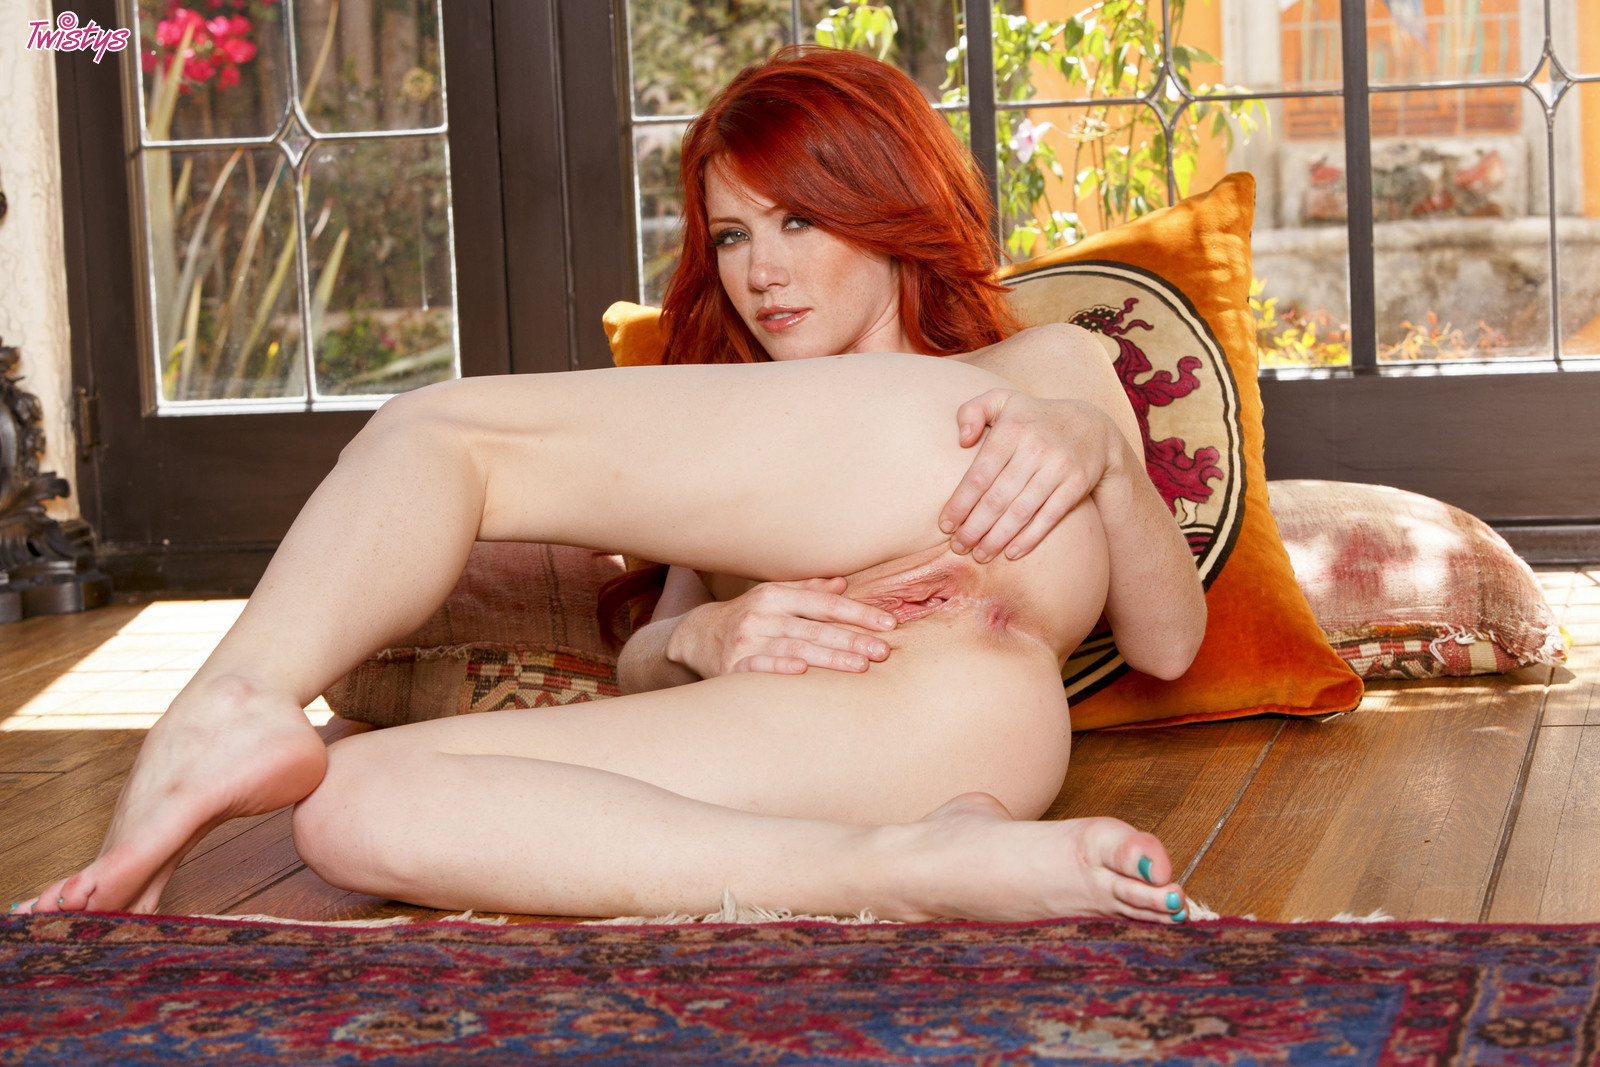 Самые рыжие порно актрисы, Рыжие-бесстыжие, самые сексуальные порноактрисы 9 фотография